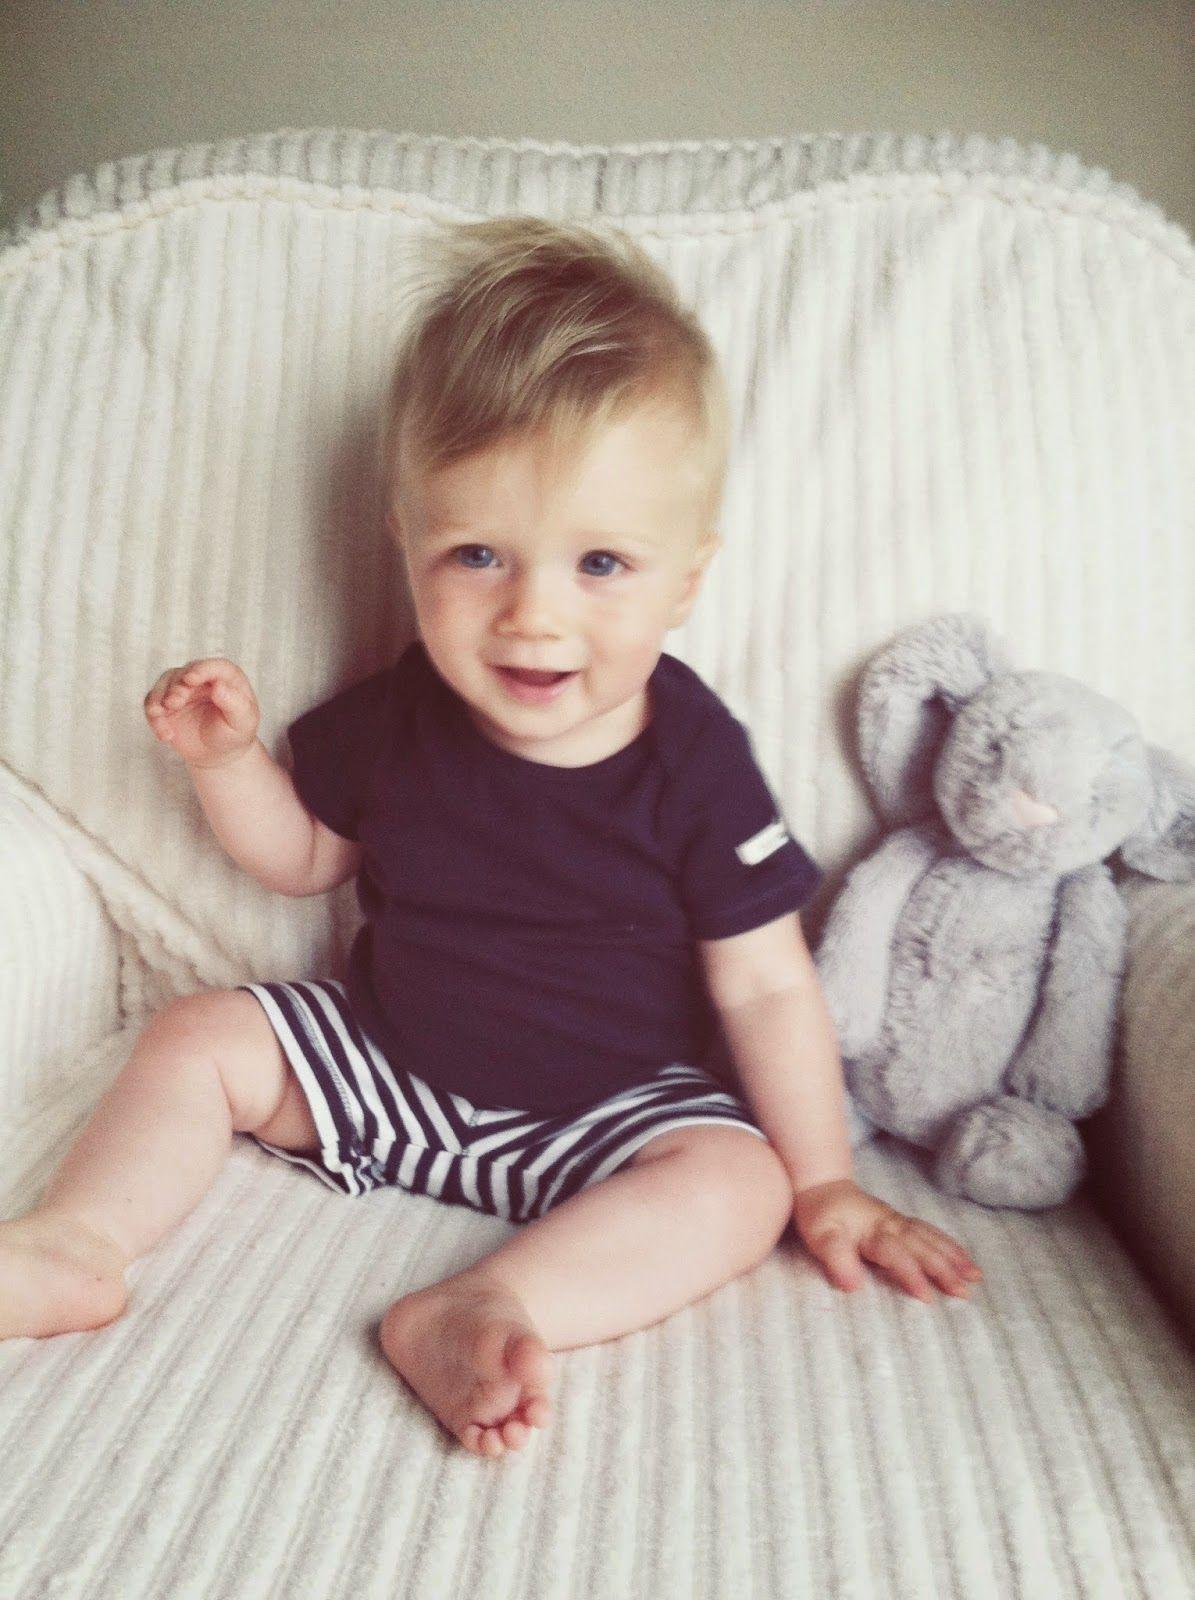 116d9bcf4758 Tessa Rayanne- 9 months old. Tessa Rayanne- 9 months old Baby Boy Clothes  ...